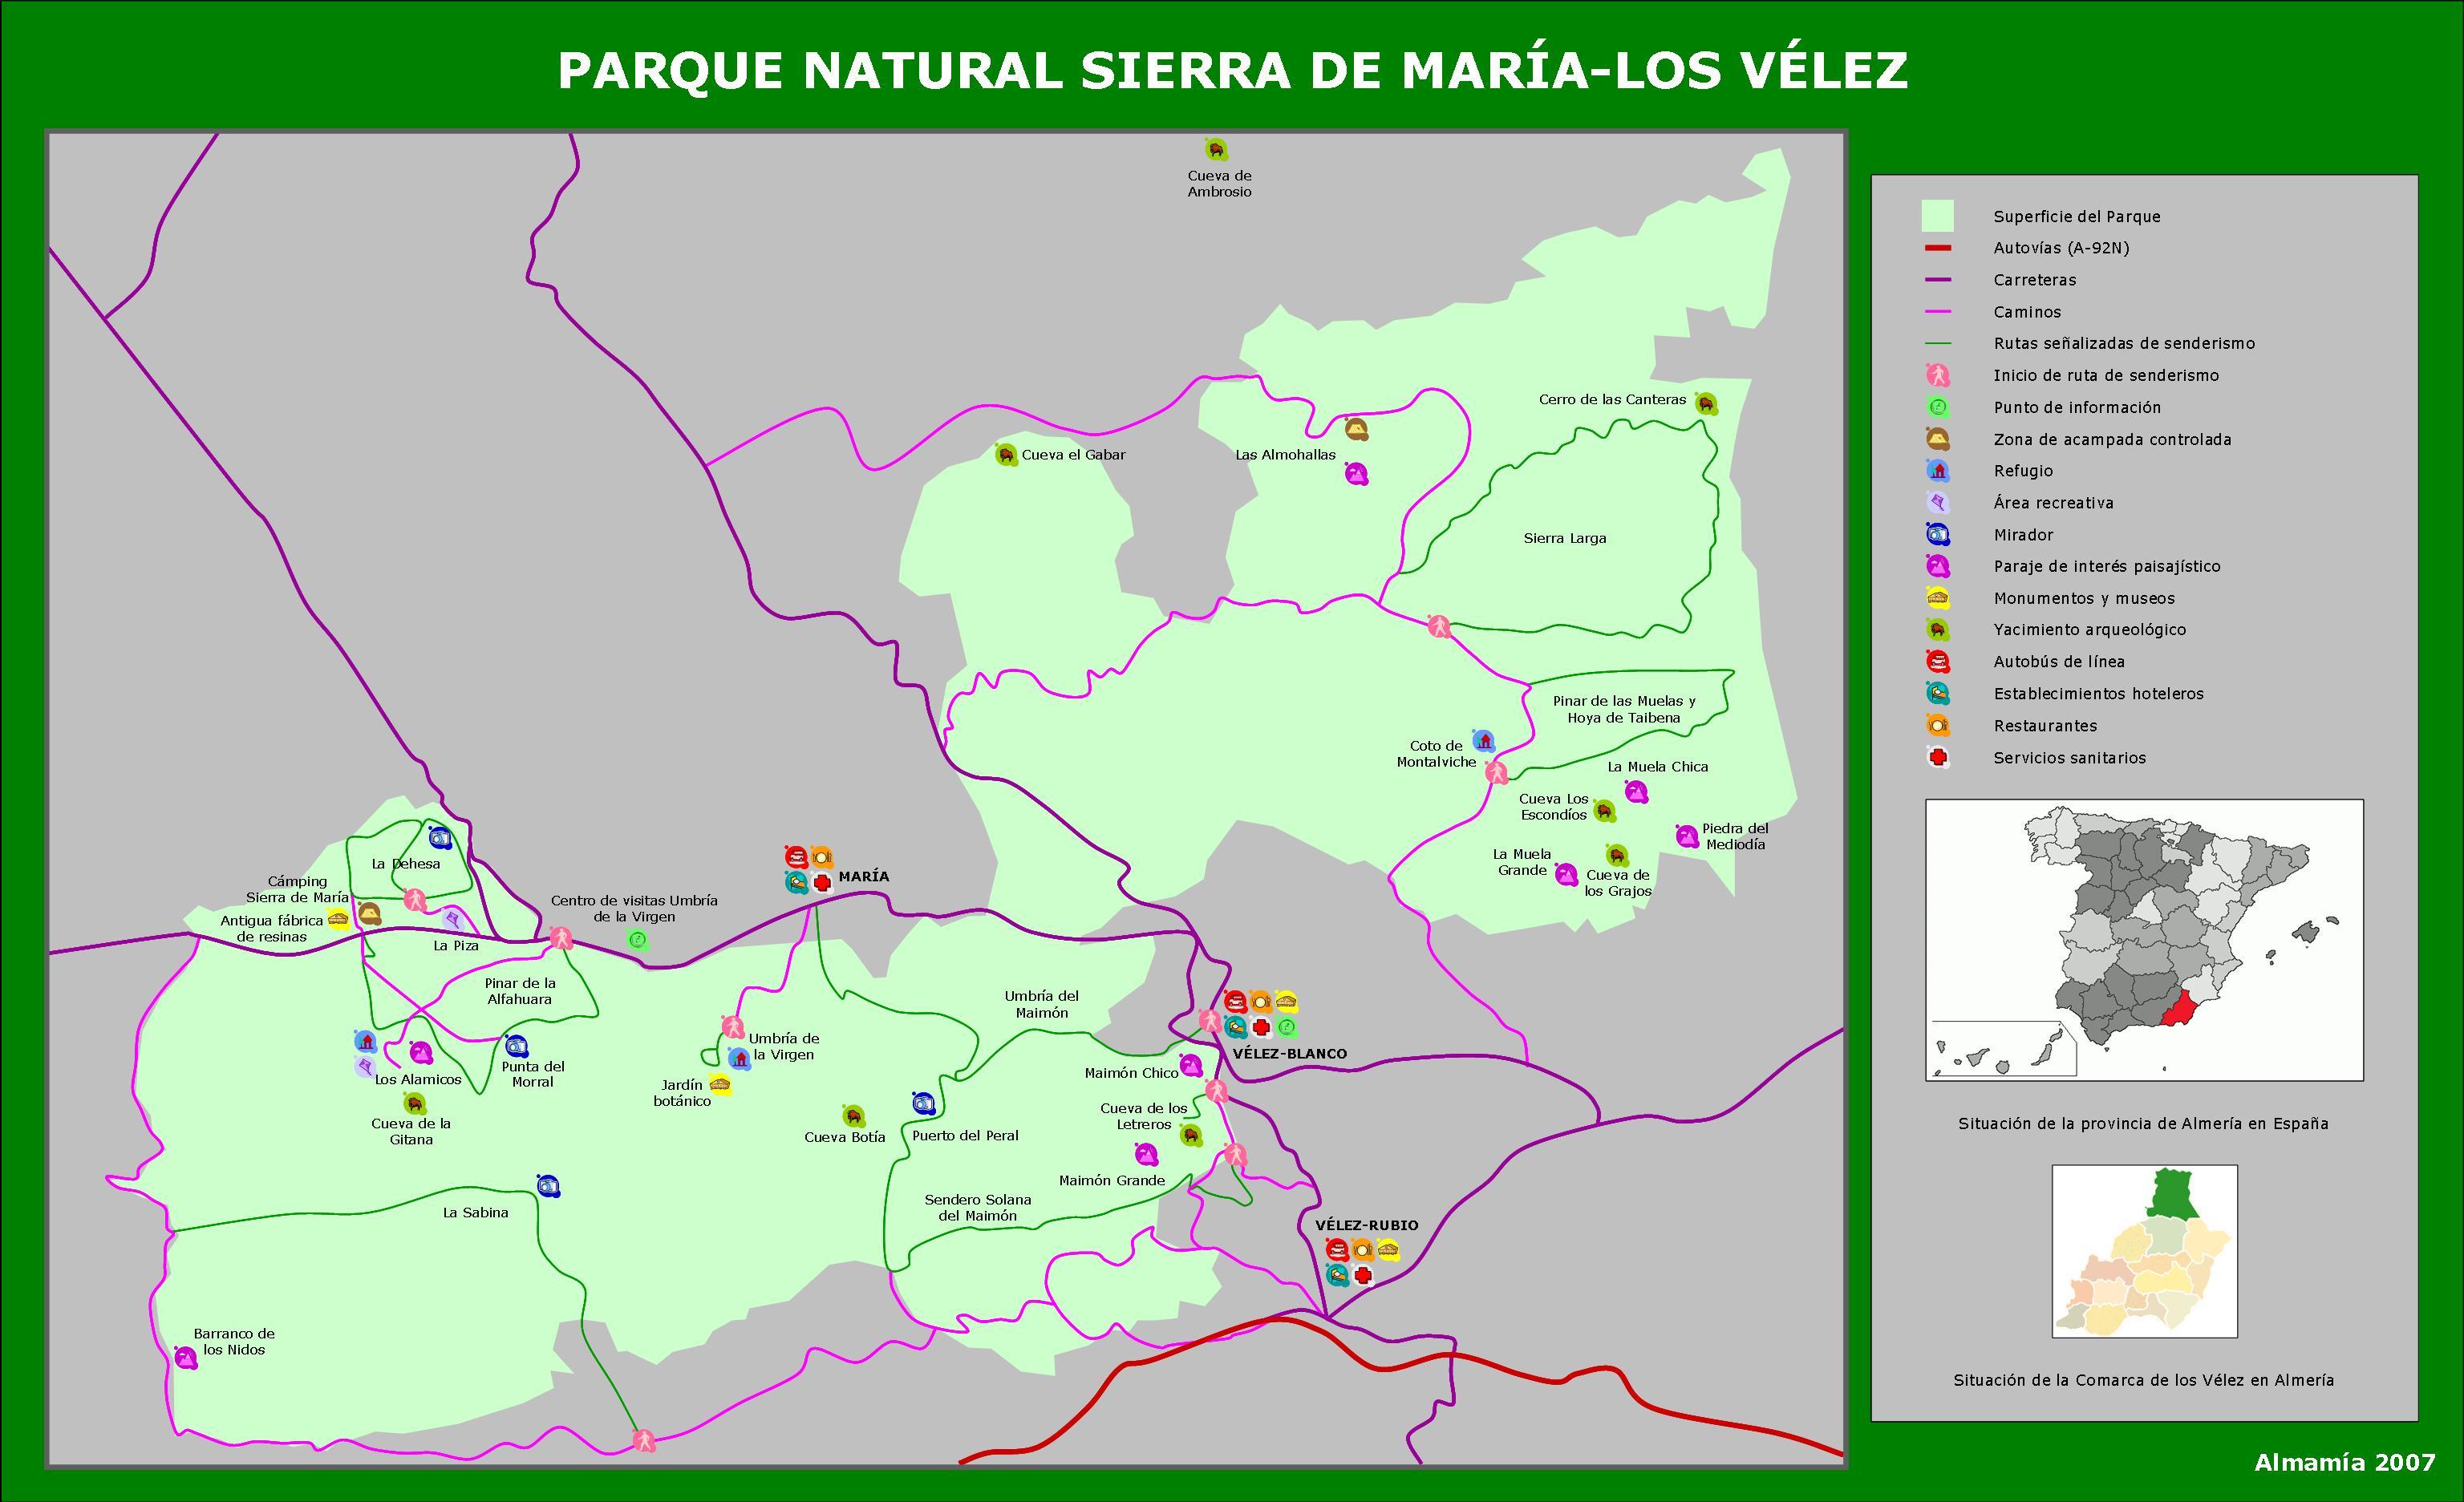 Croquis del Parque Natural Sierra de María-Los Vélez 2007